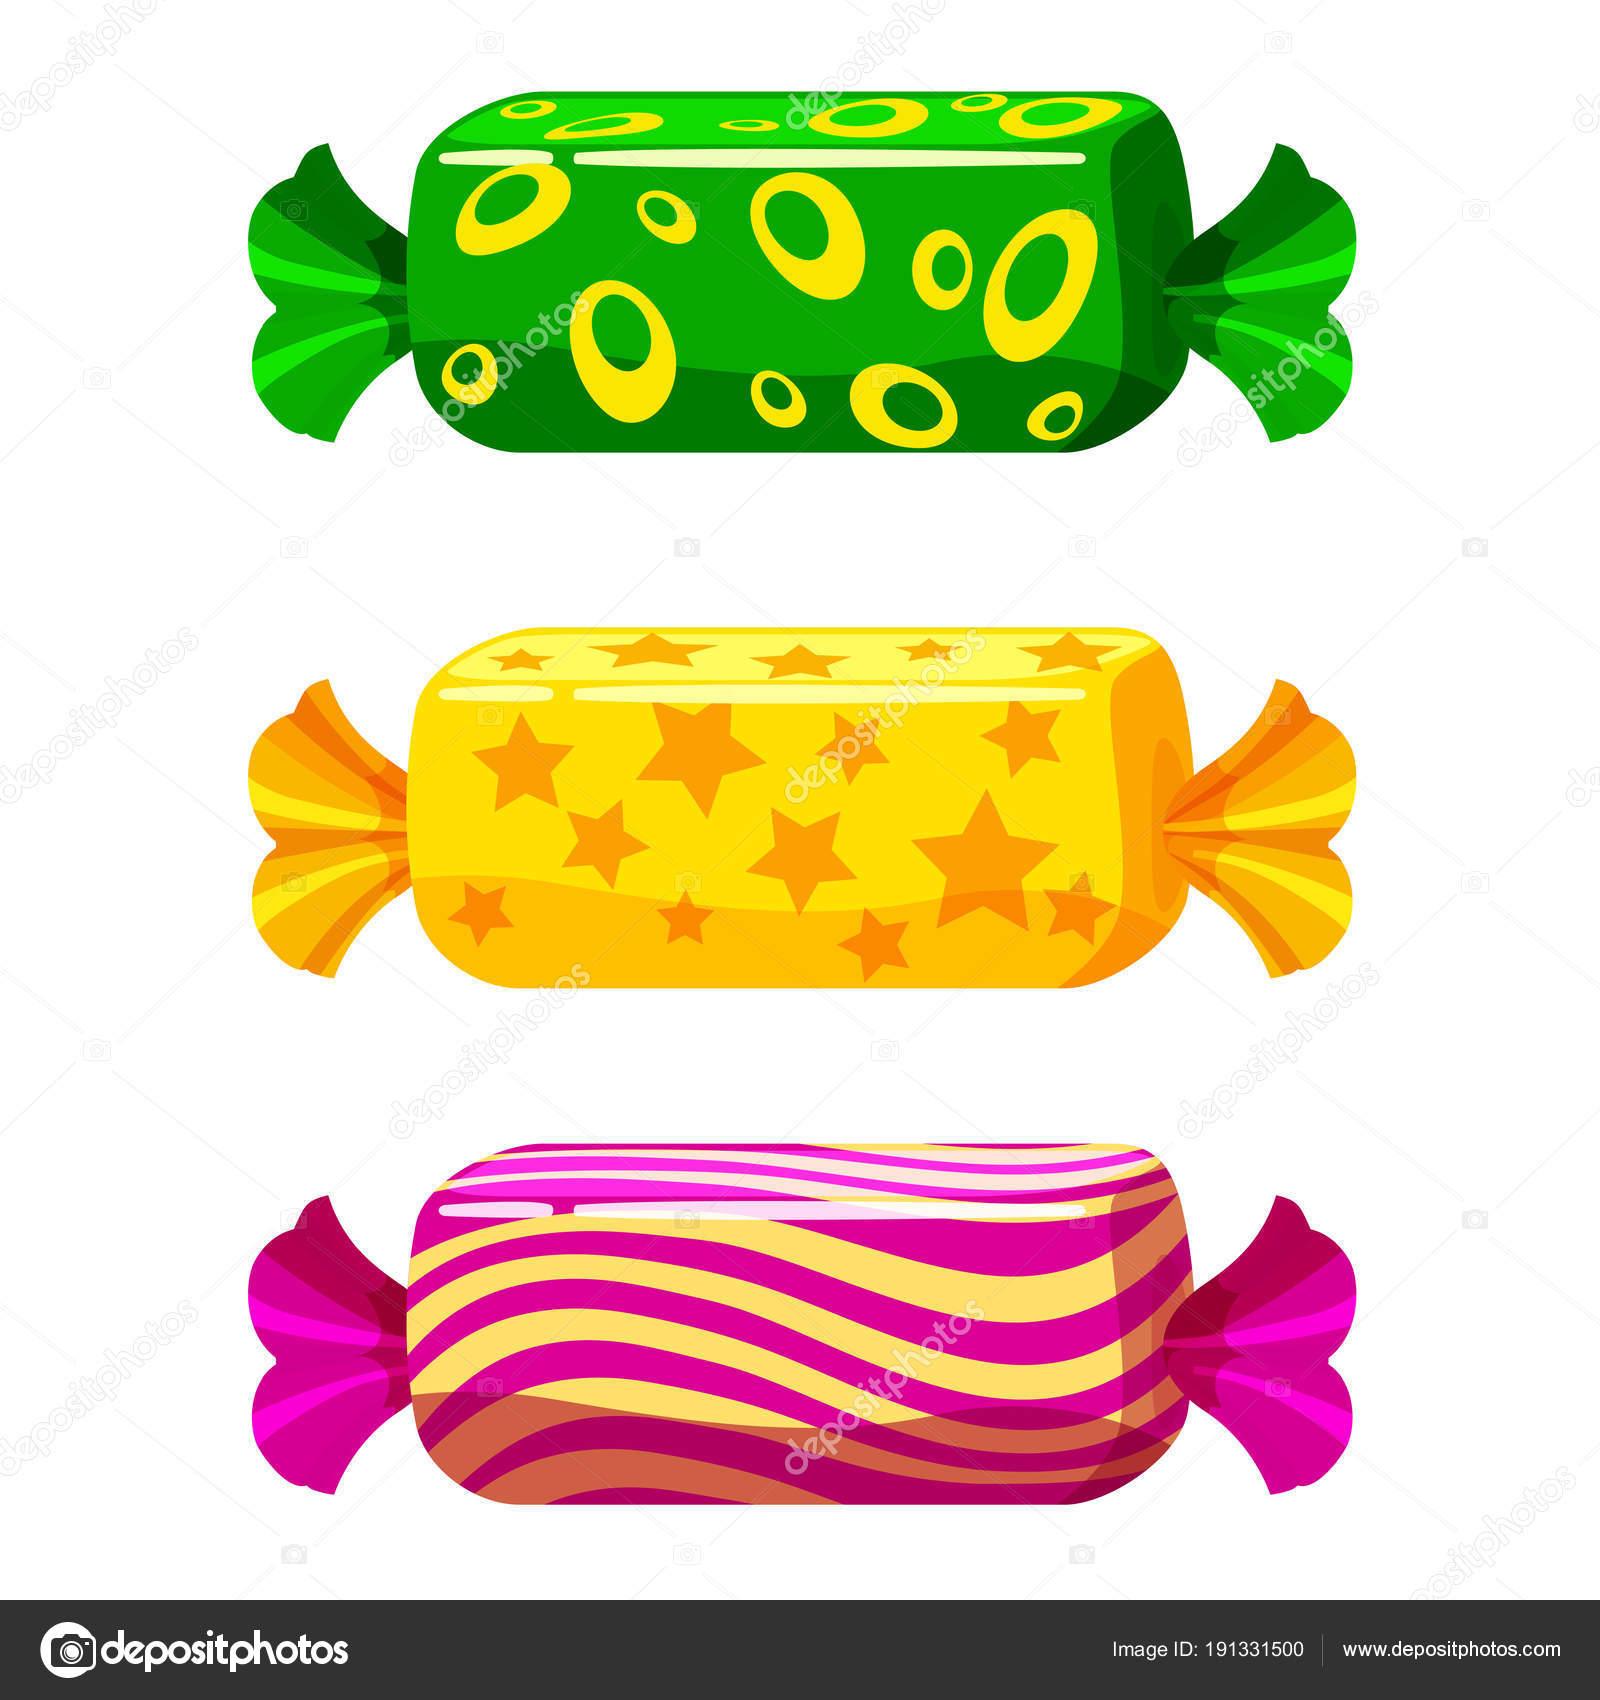 さまざまな色のパッケージで甘いお菓子のセットをベクトルします漫画の